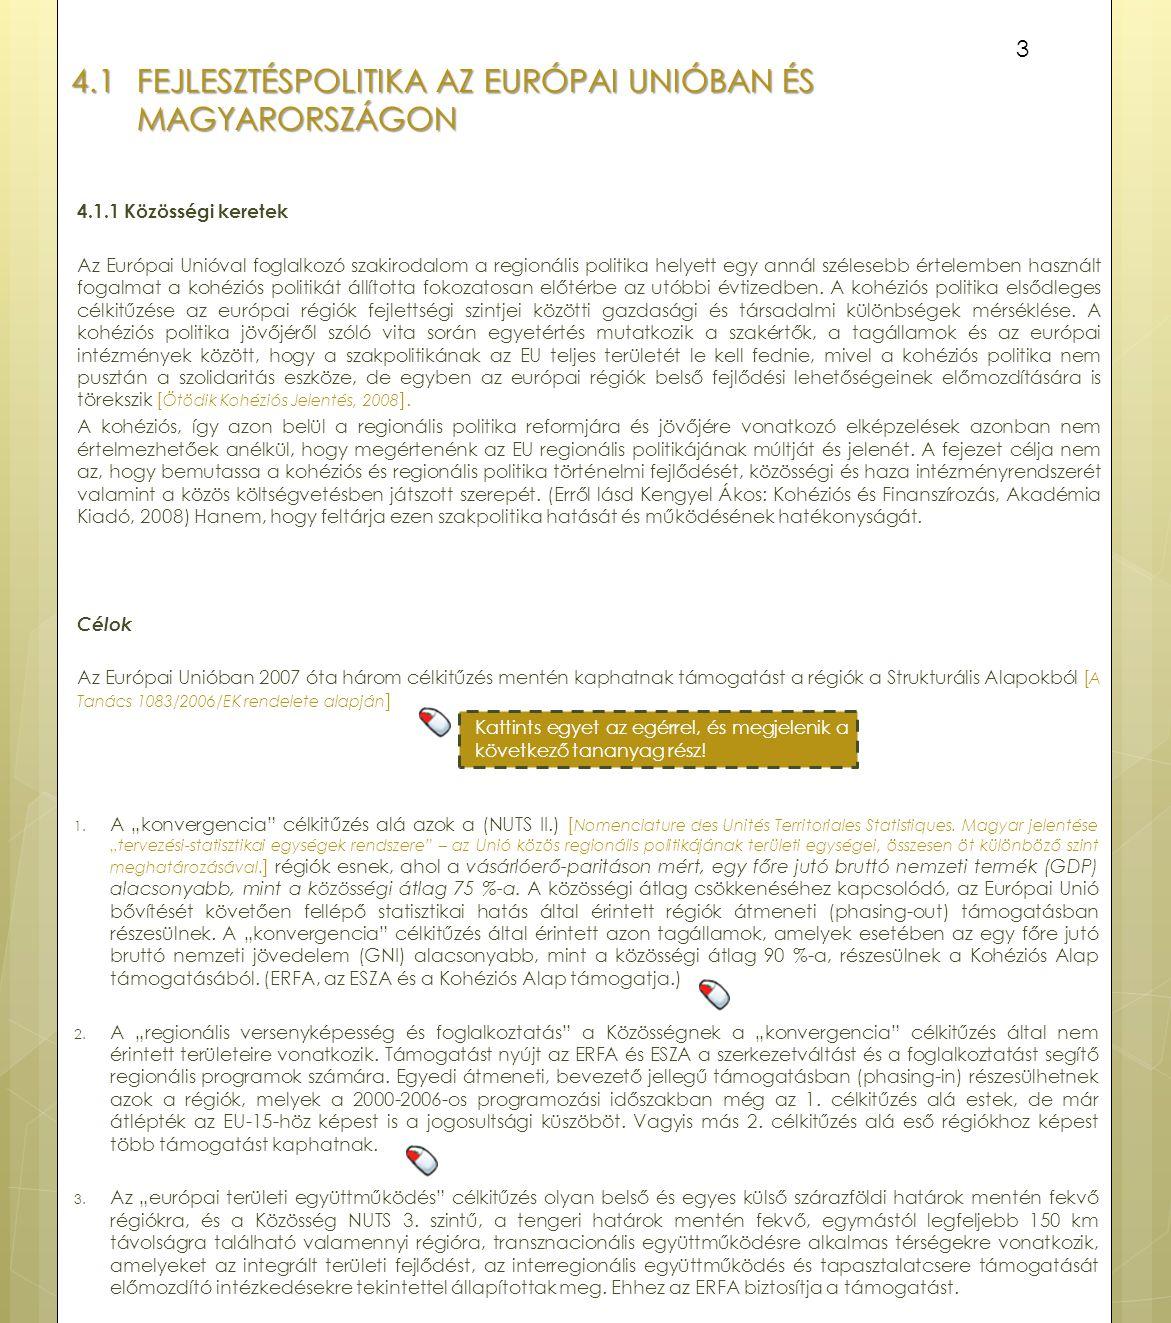 4.1 Fejlesztéspolitika az Európai Unióban és Magyarországon